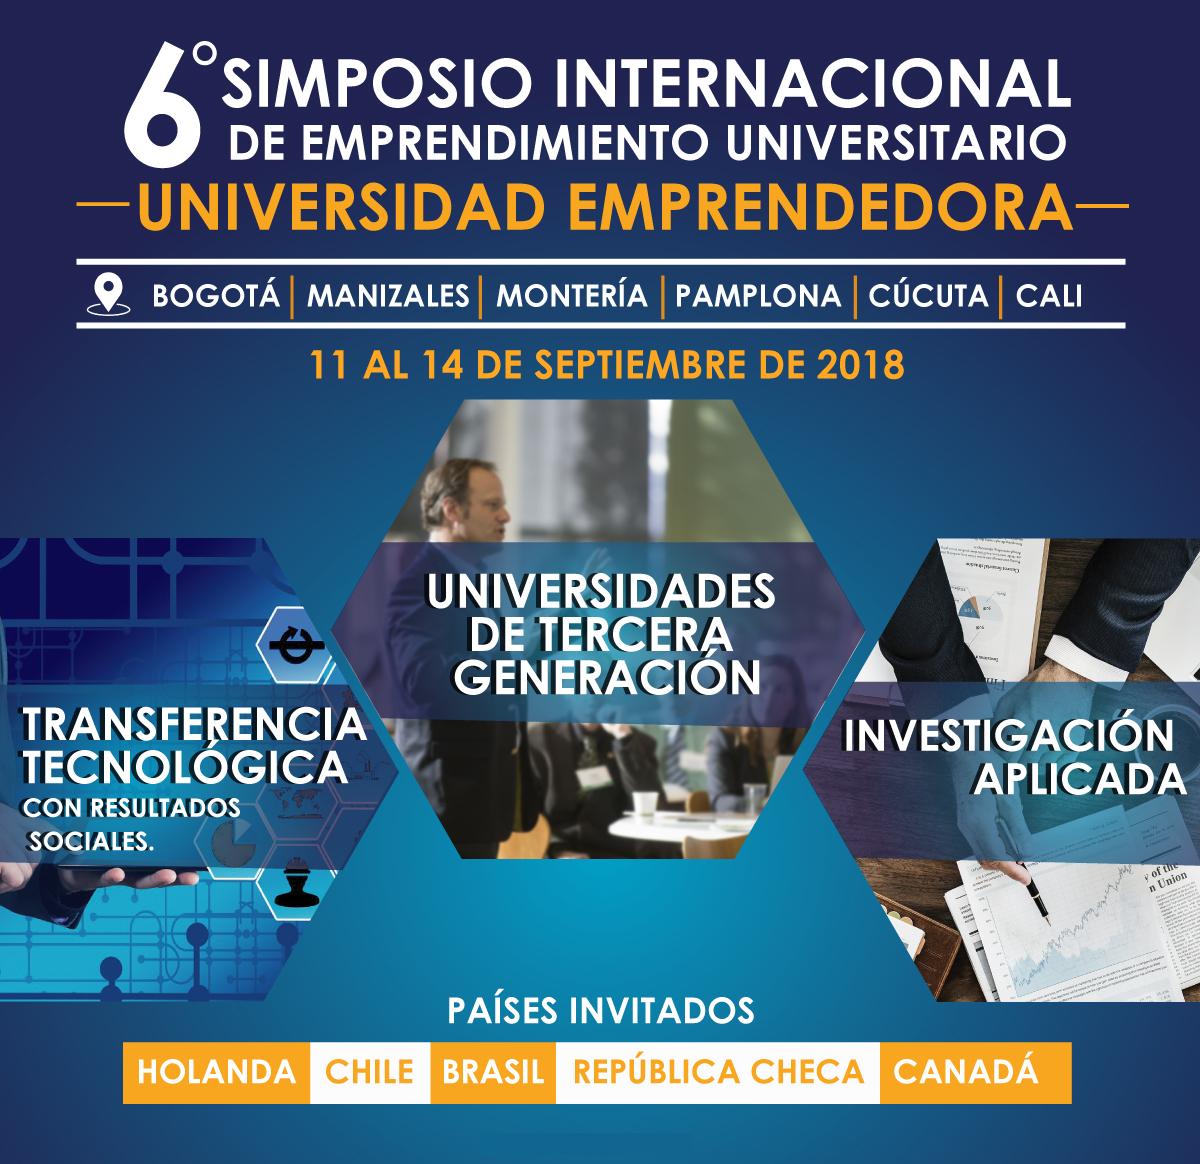 6 Simposio internacional de emprendimiento universitario